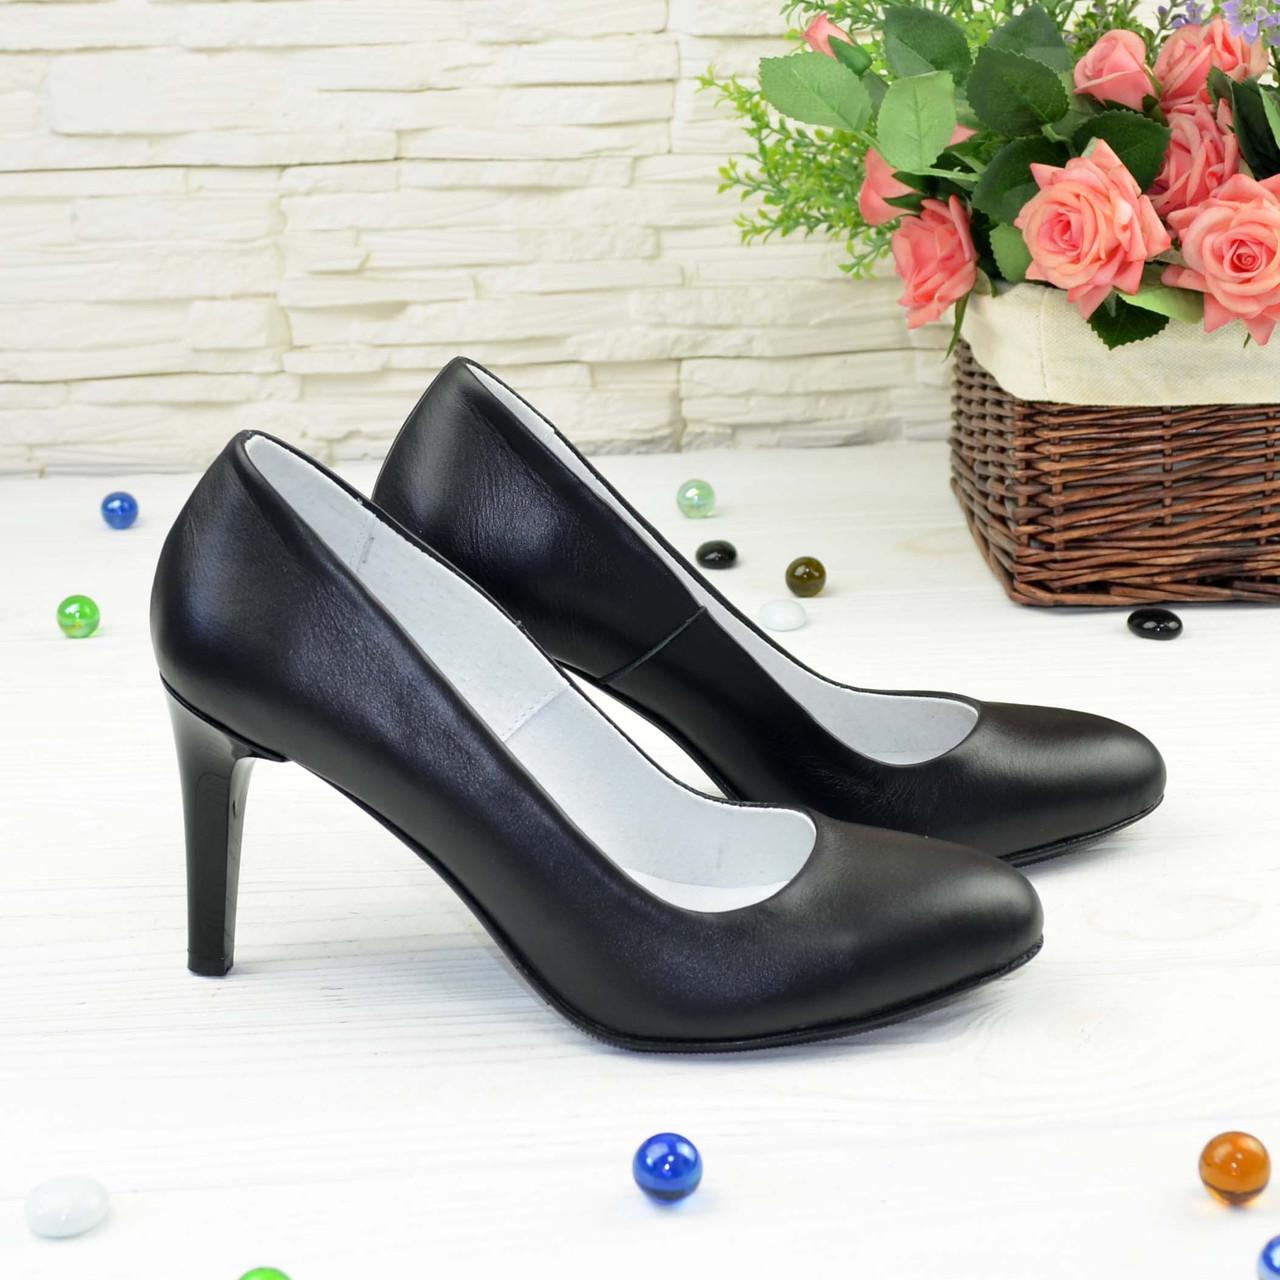 Туфли женские кожаные классические на шпильке, цвет черный